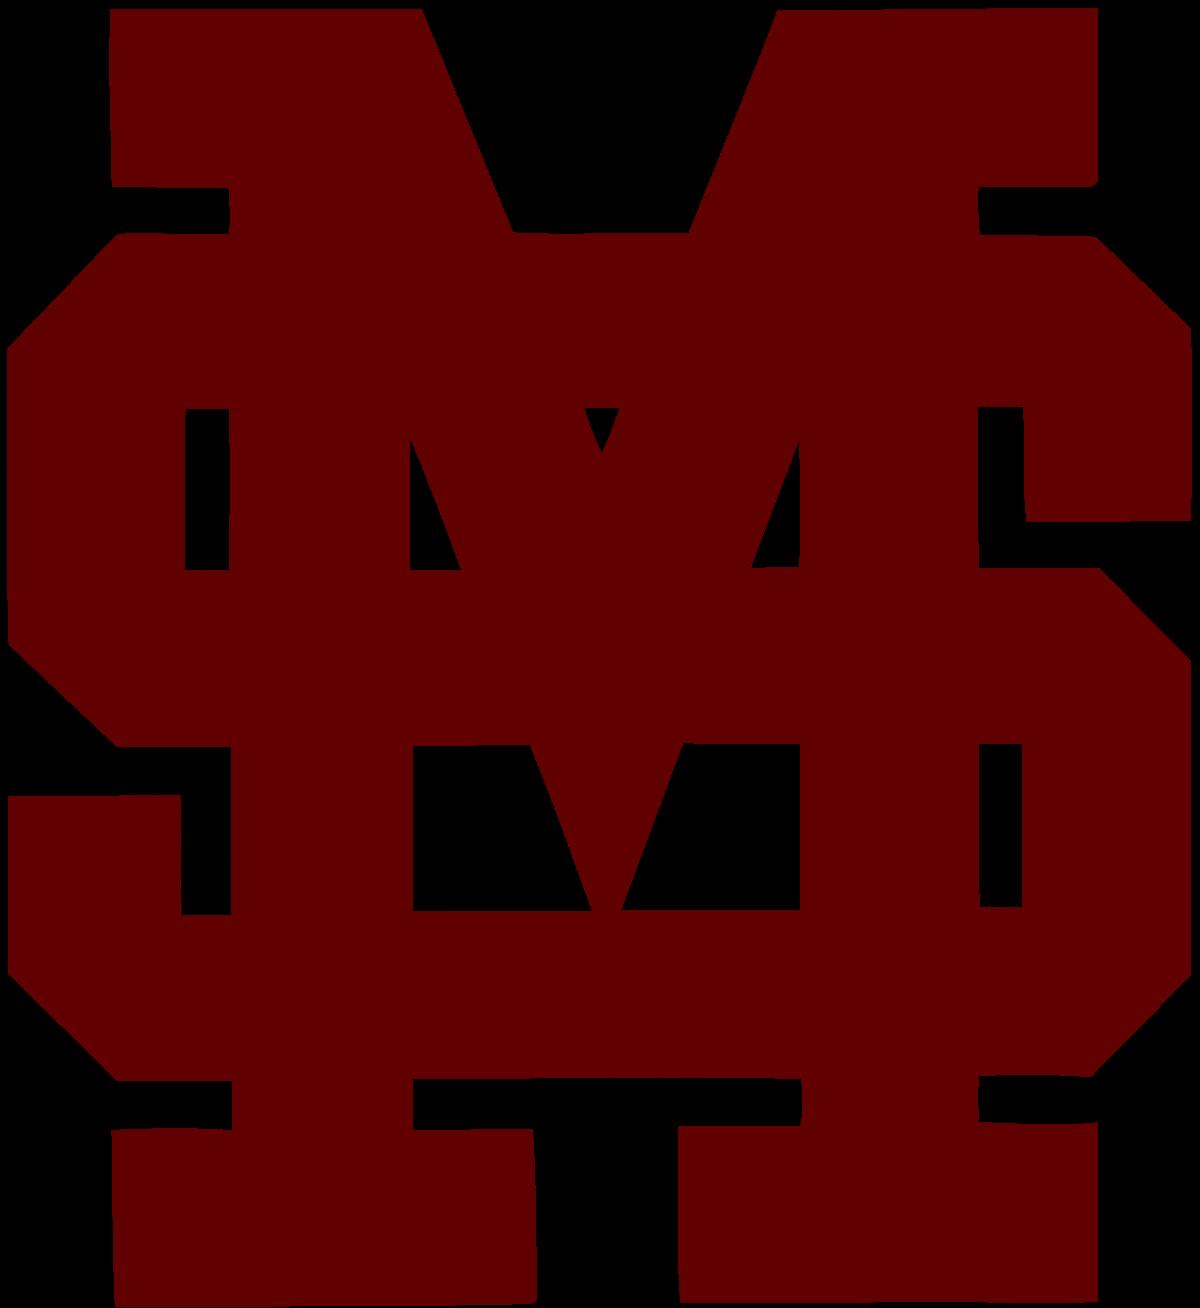 Mississippi State Bulldogs baseball.